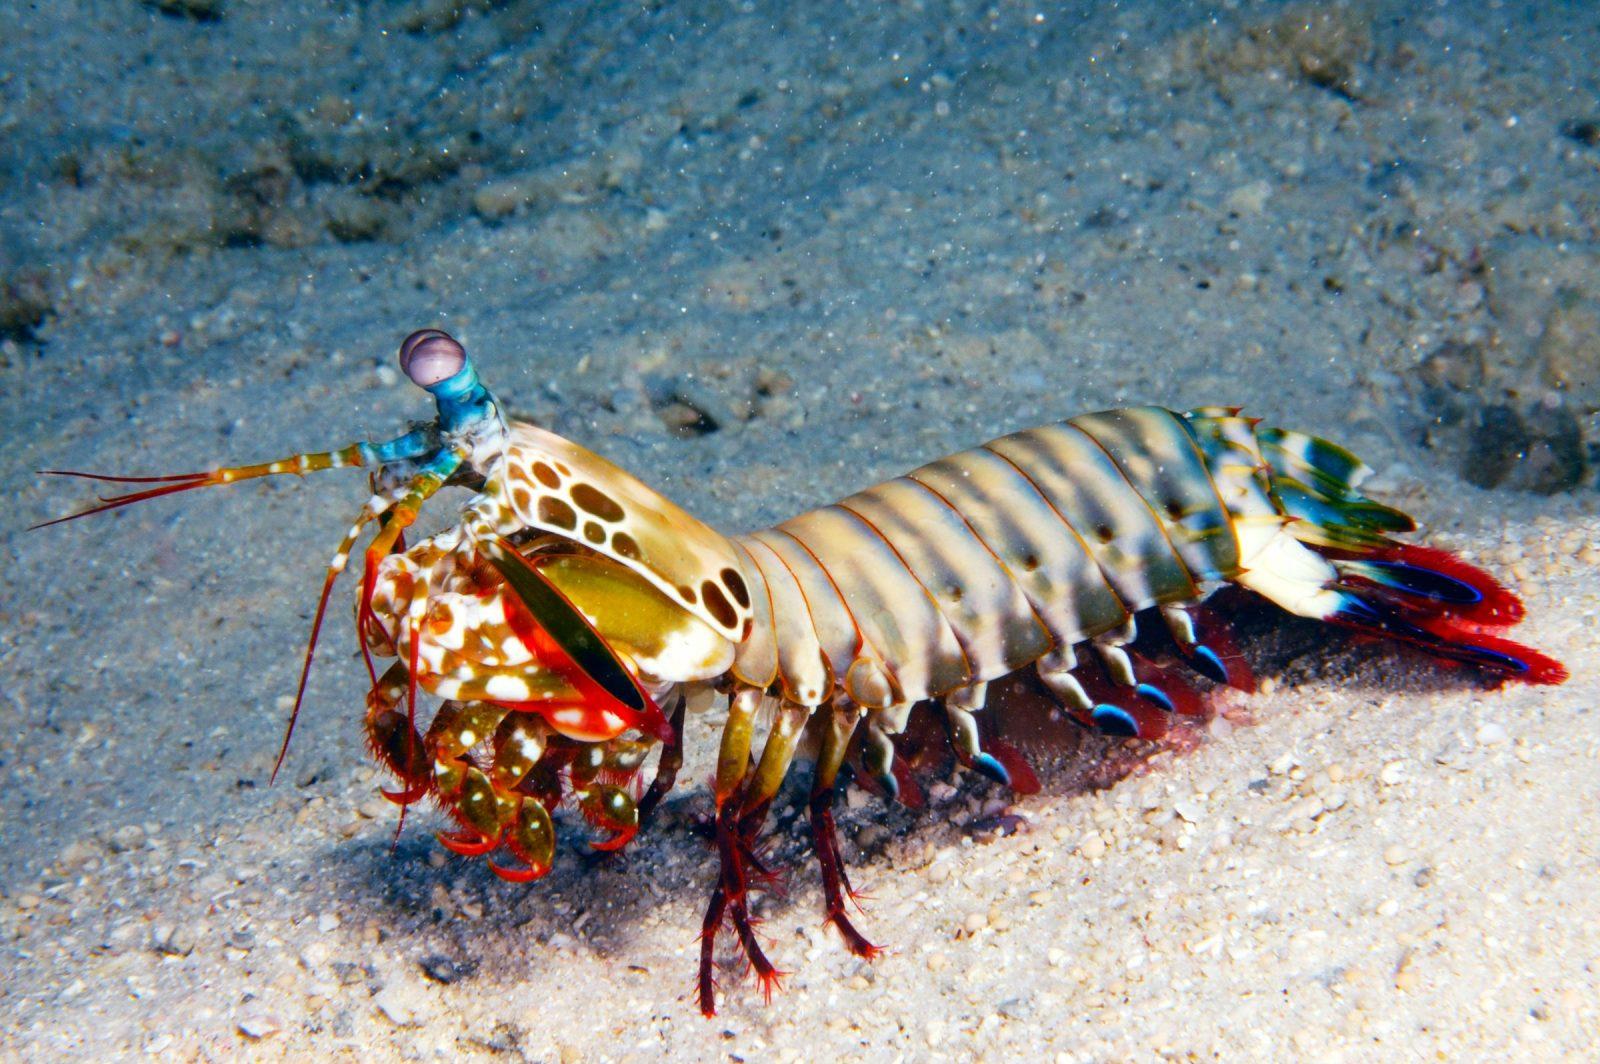 The colorful but dangerous mantis shrimp.